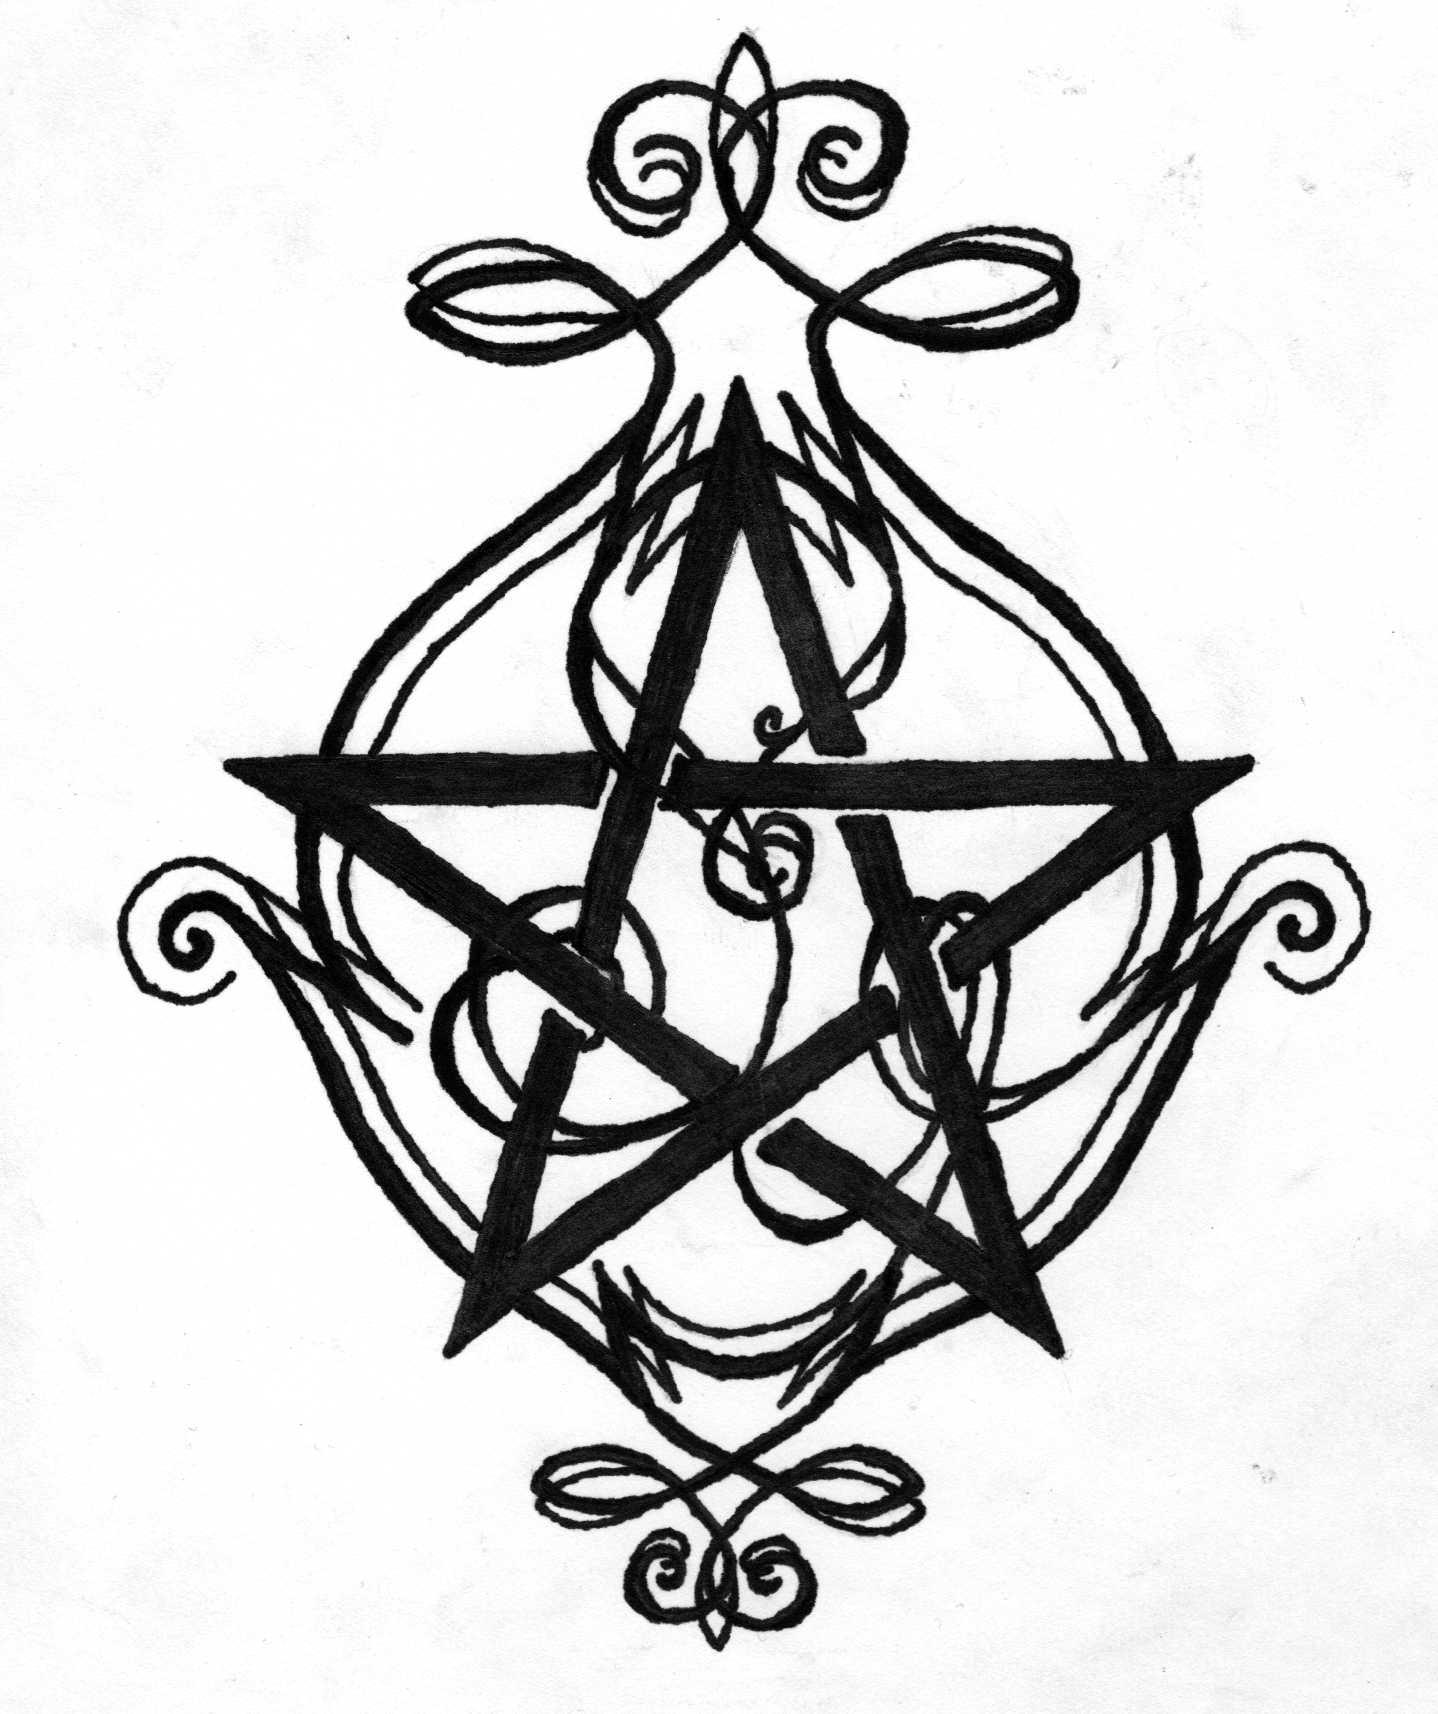 pentagram tattoo design by nymphera on deviantart